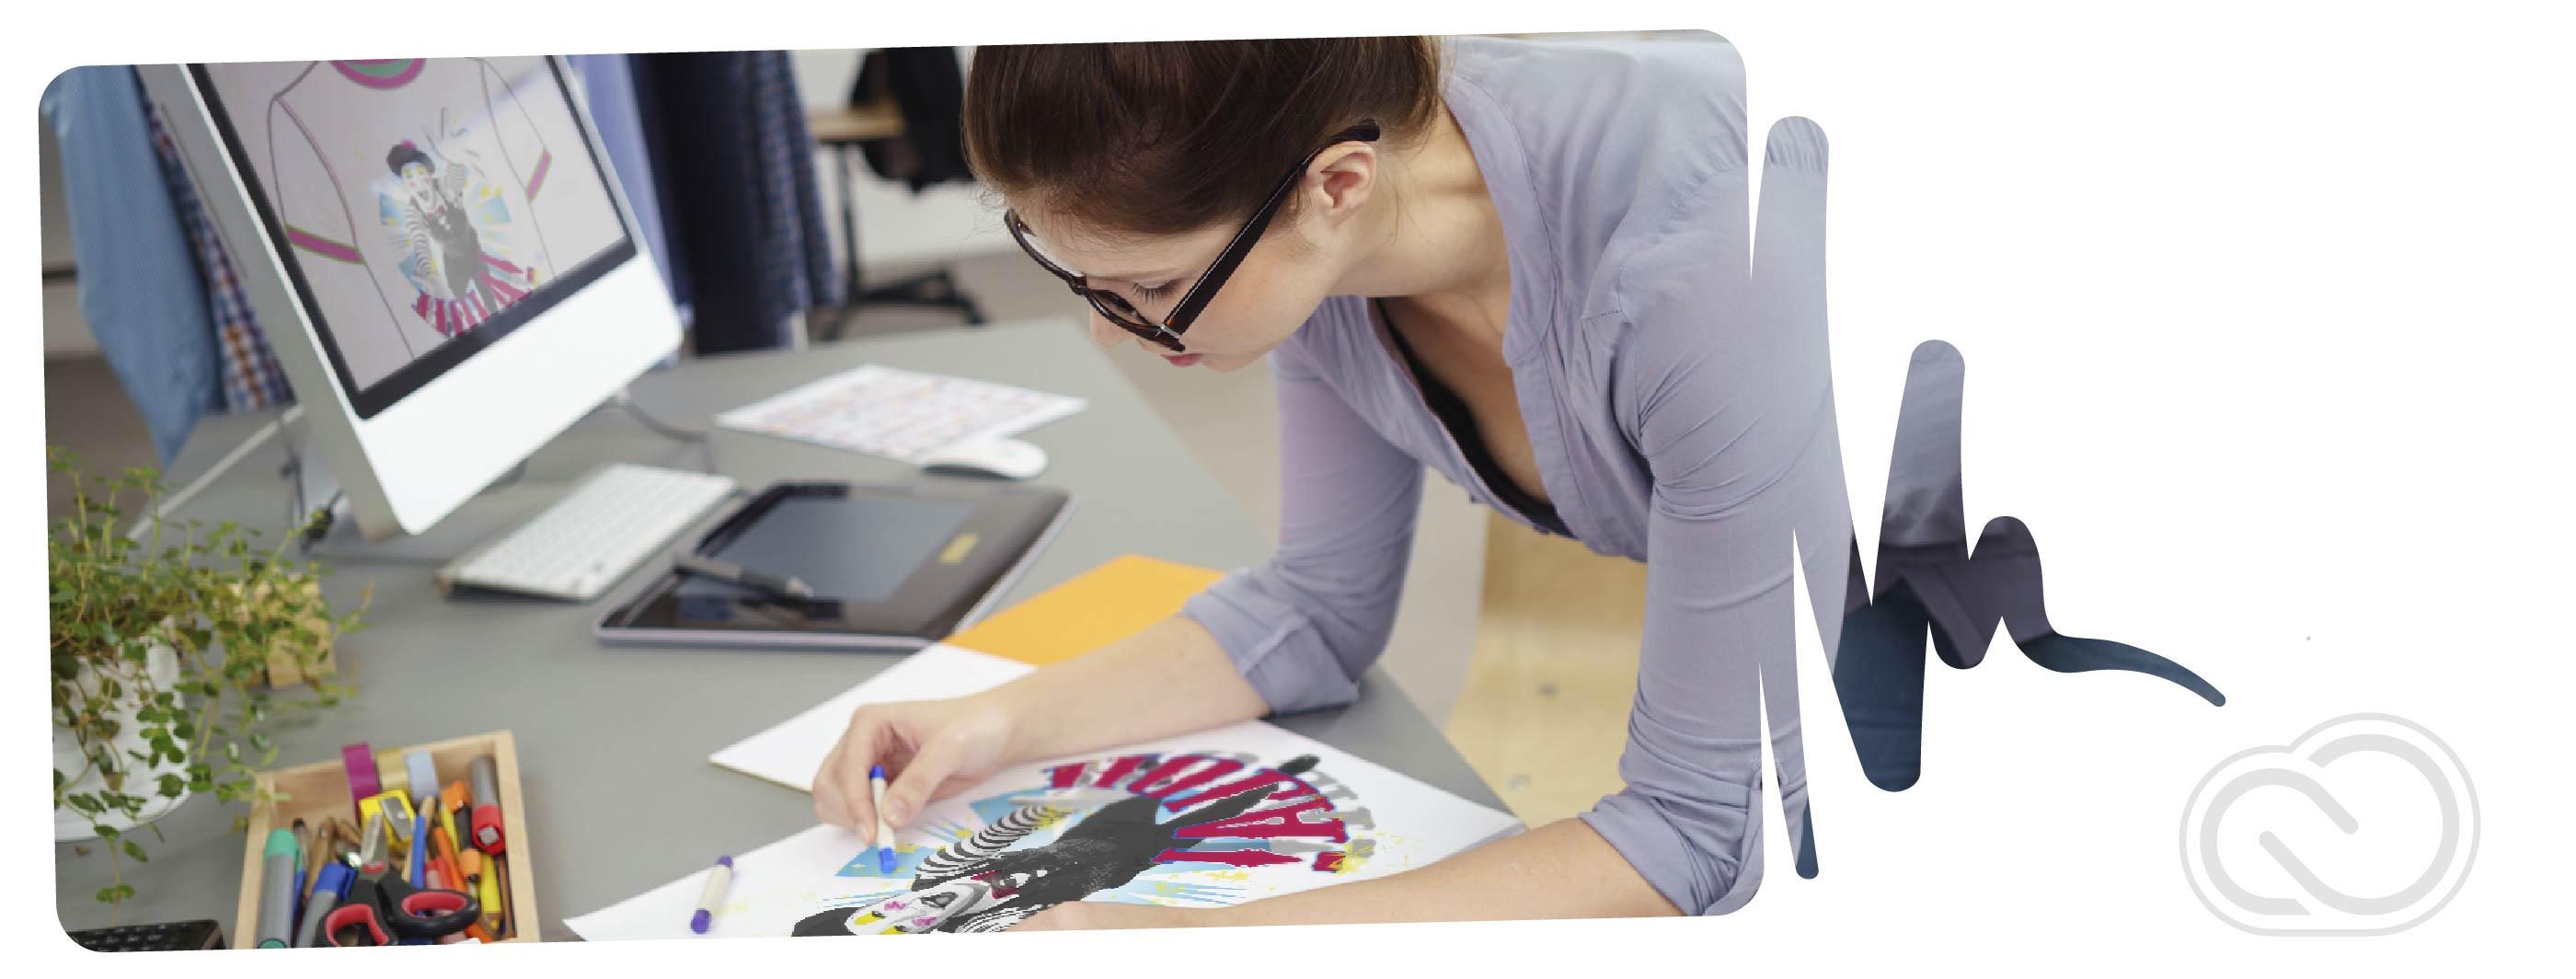 Corsi di fashion design live training milano for Corsi grafica pubblicitaria milano